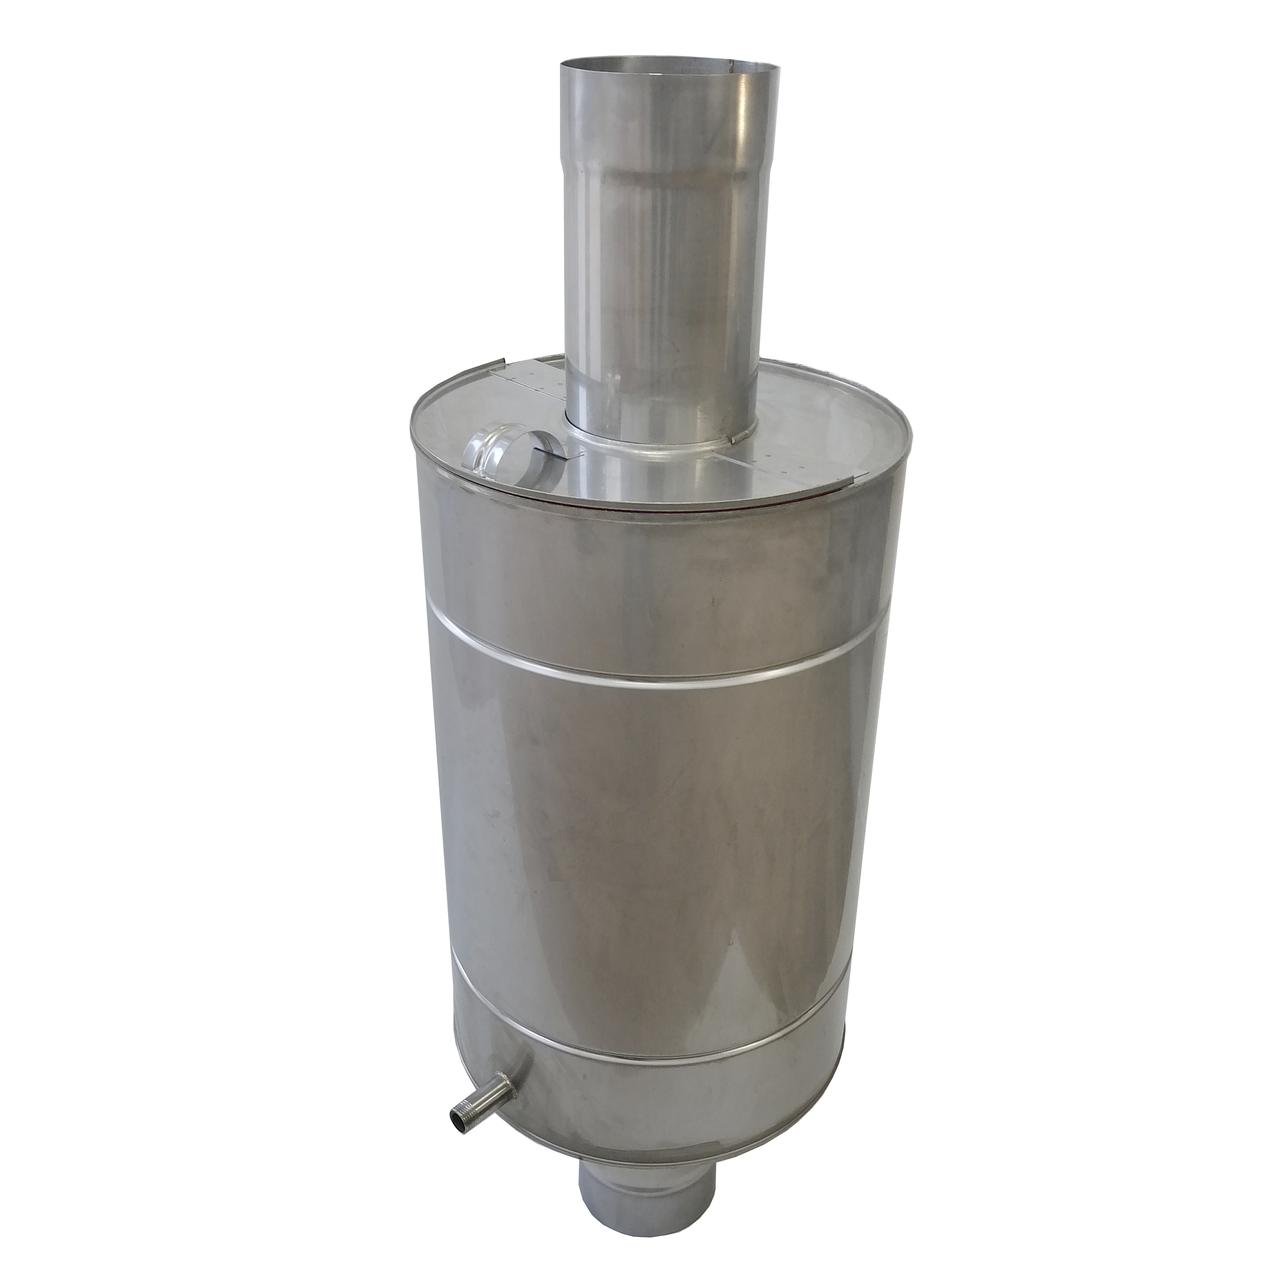 Труба-бак ø120 мм 50 л 1 мм AISI 321/304 Stalar для нагрева воды дымохода сауны бани из нержавеющей стали